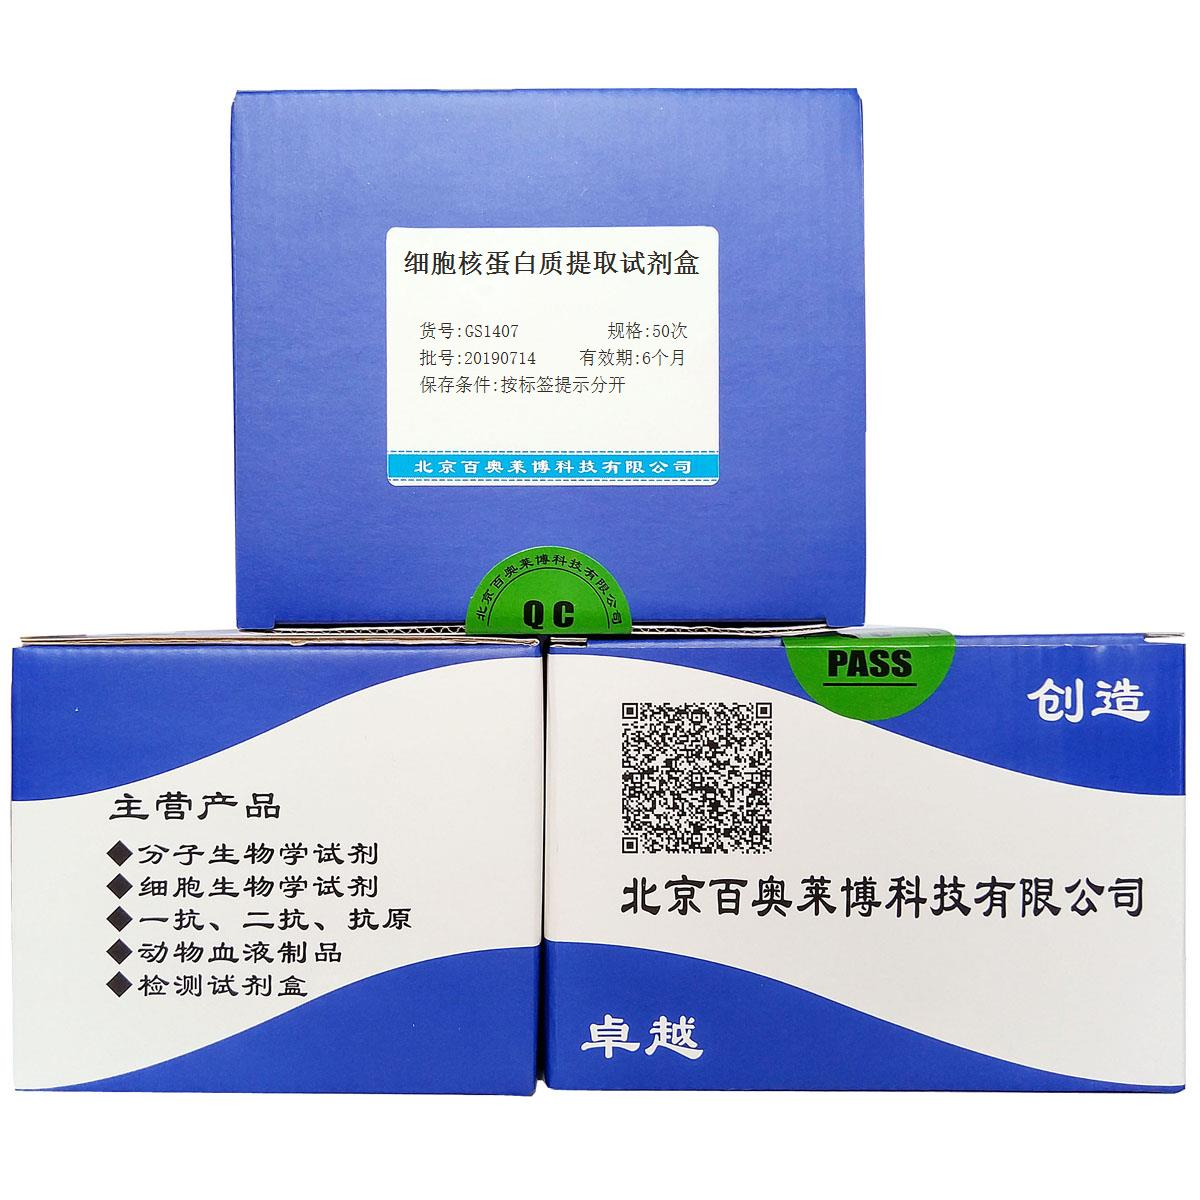 细胞核蛋白质提取试剂盒现货供应